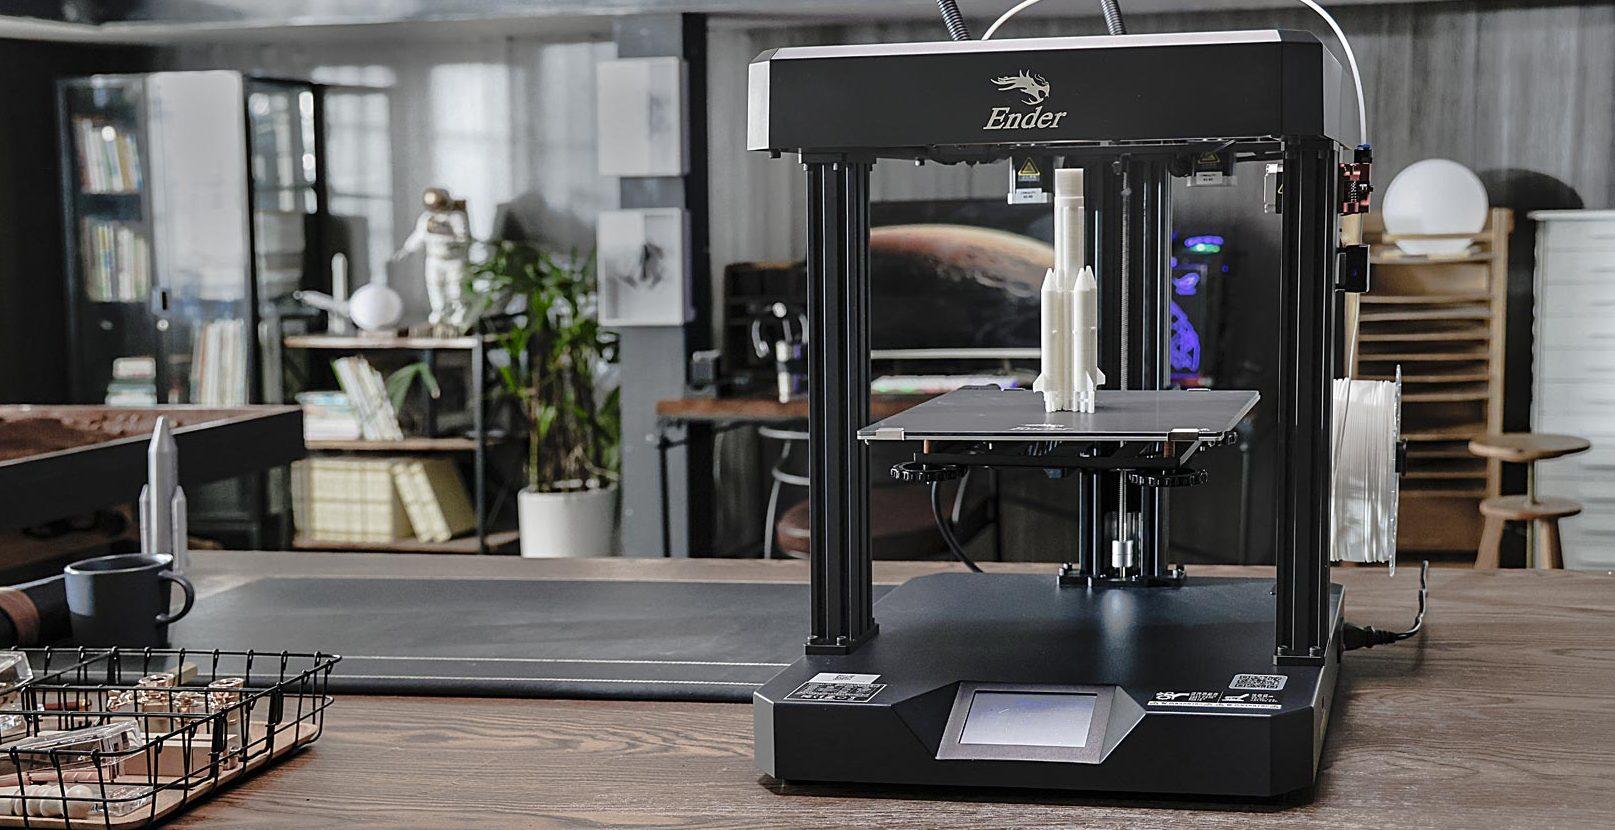 3D printers $1000